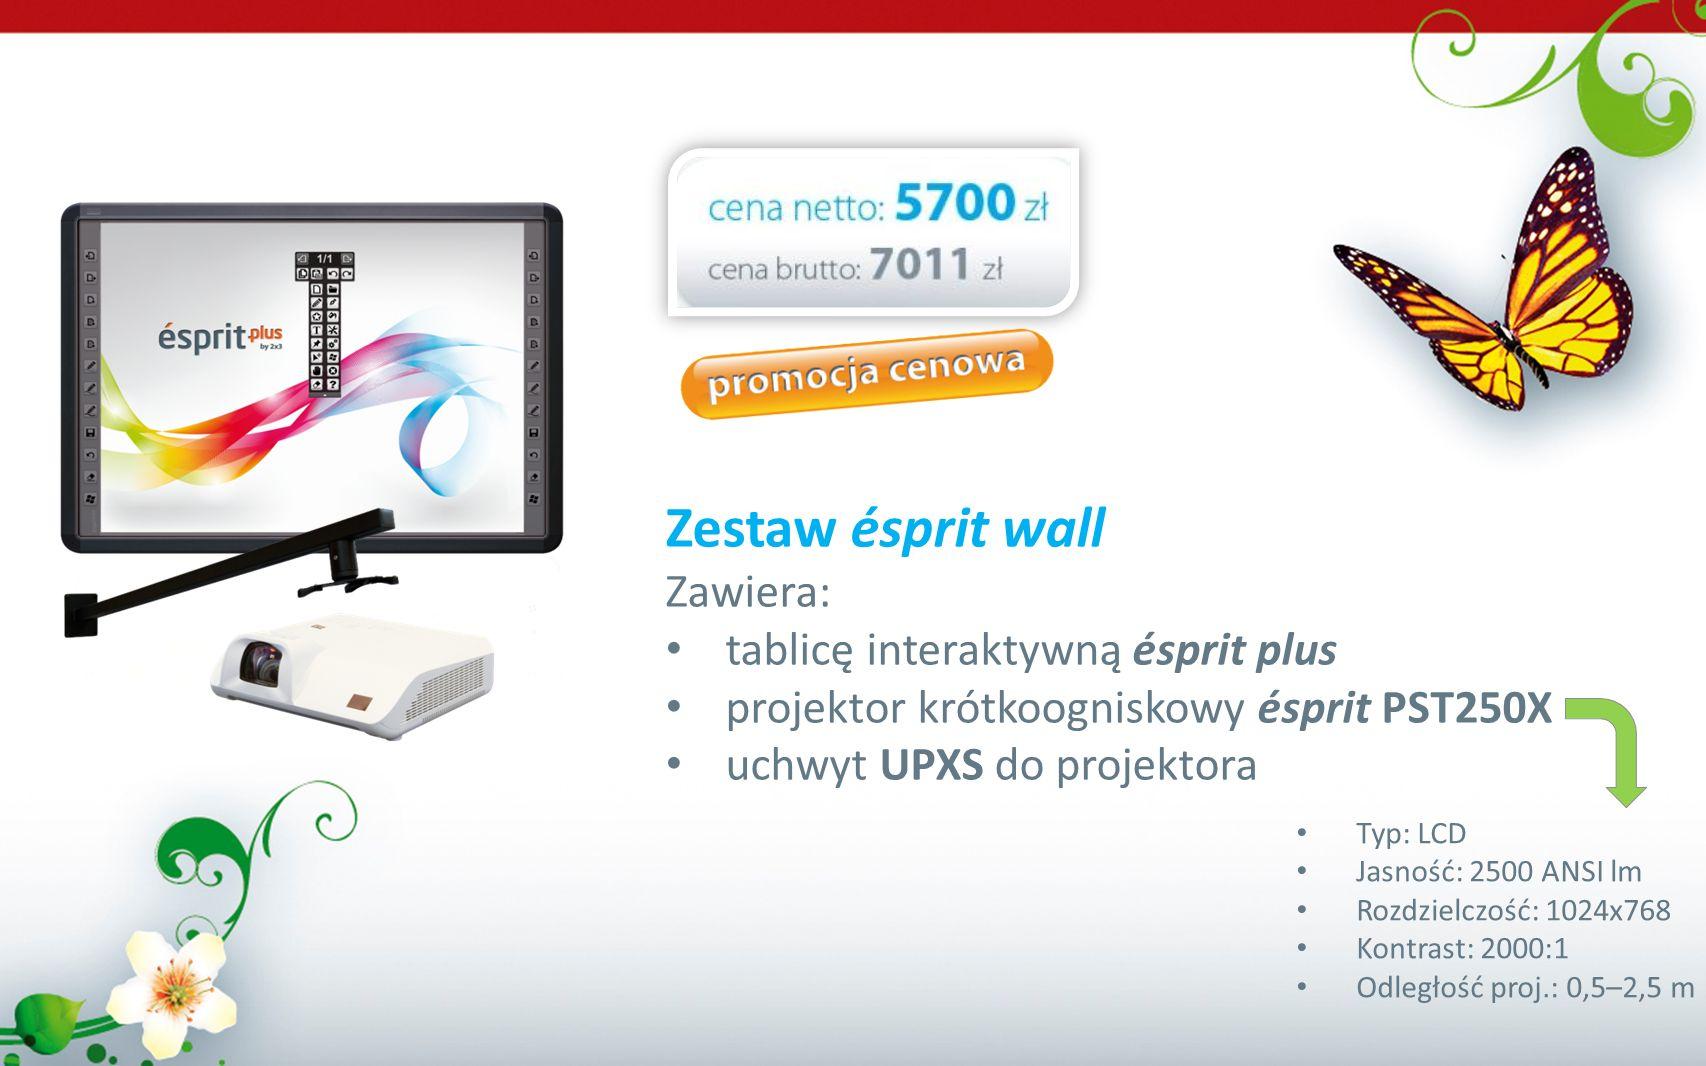 Zestaw ésprit wall Zawiera: tablicę interaktywną ésprit plus projektor krótkoogniskowy ésprit PST250X uchwyt UPXS do projektora Typ: LCD Jasność: 2500